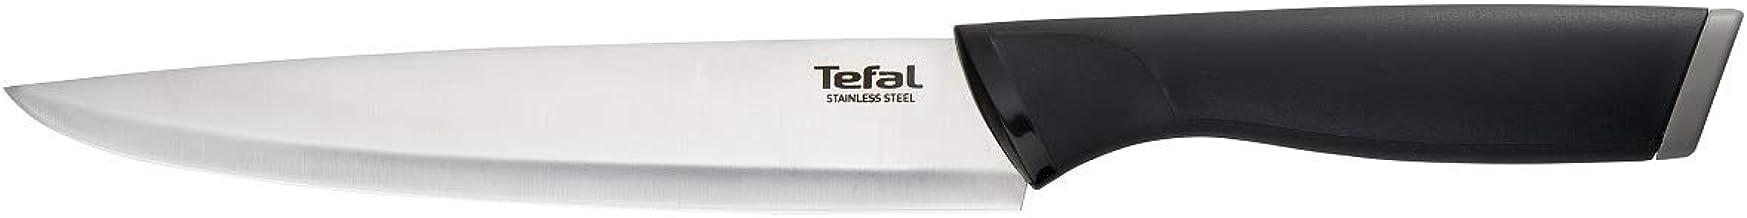 تيفال سكين ستانلس ستيل 20 سم مع غطاء